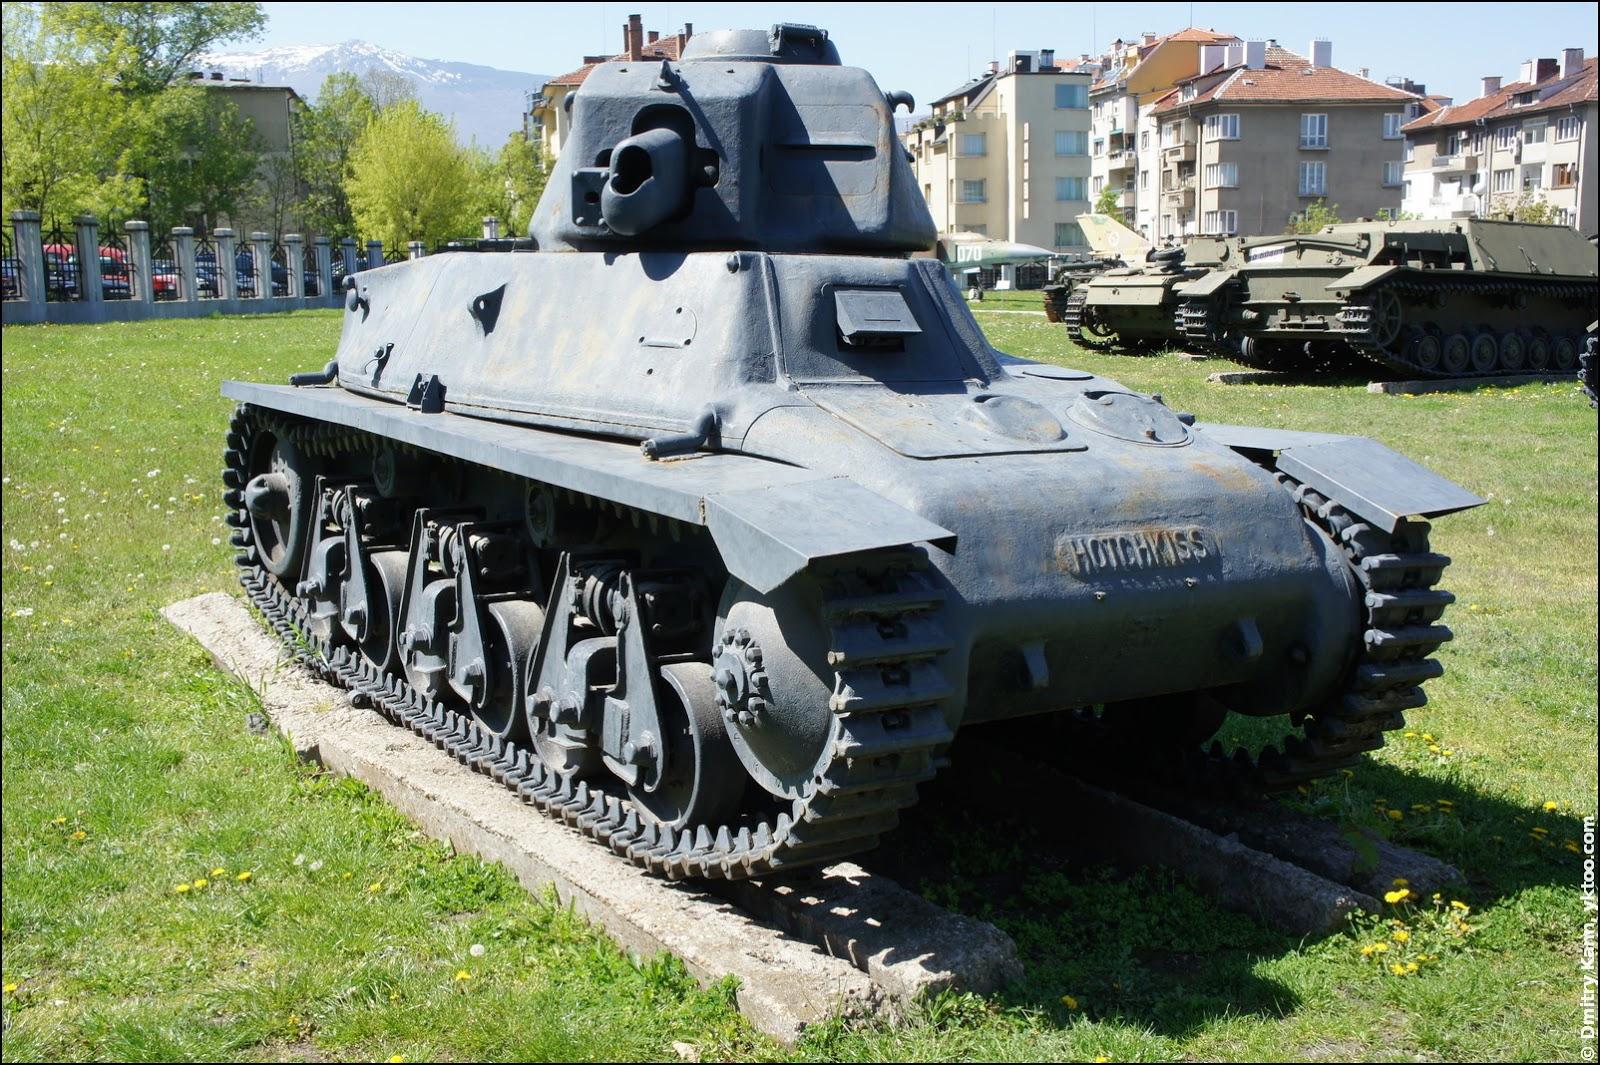 Tank Hotchkiss H-39.